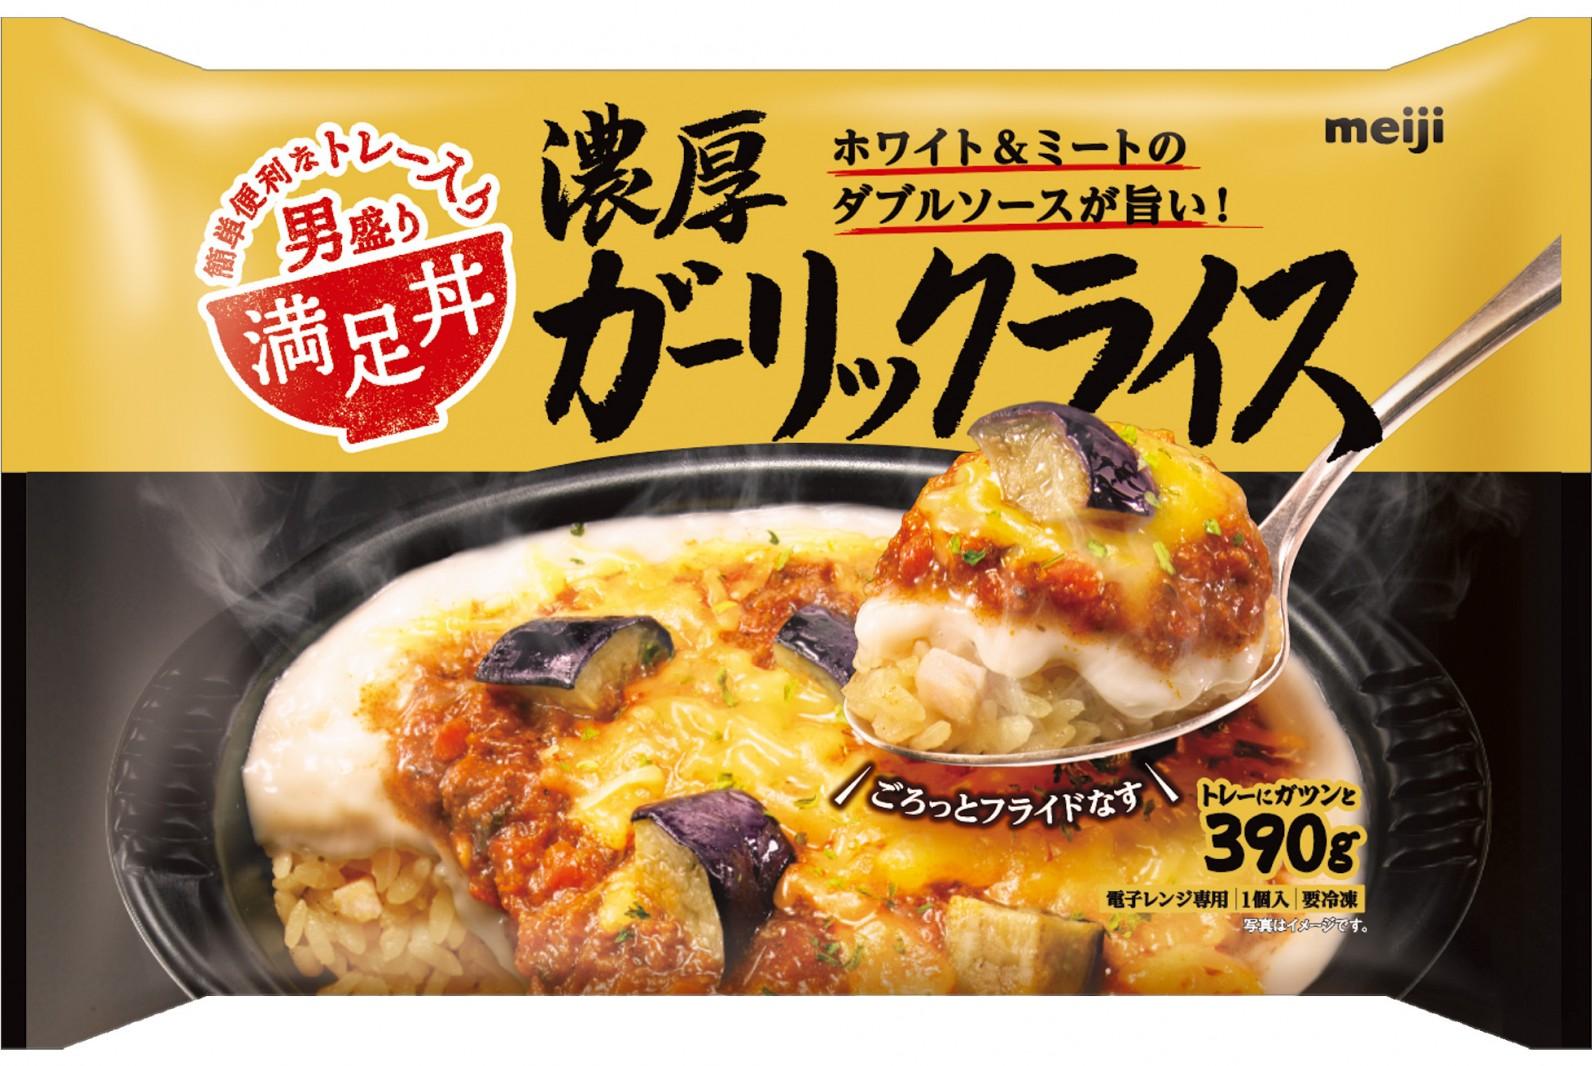 洋風ソースに、とろとろチーズ 1皿完結できるトレー入りの『満足丼』(明治)